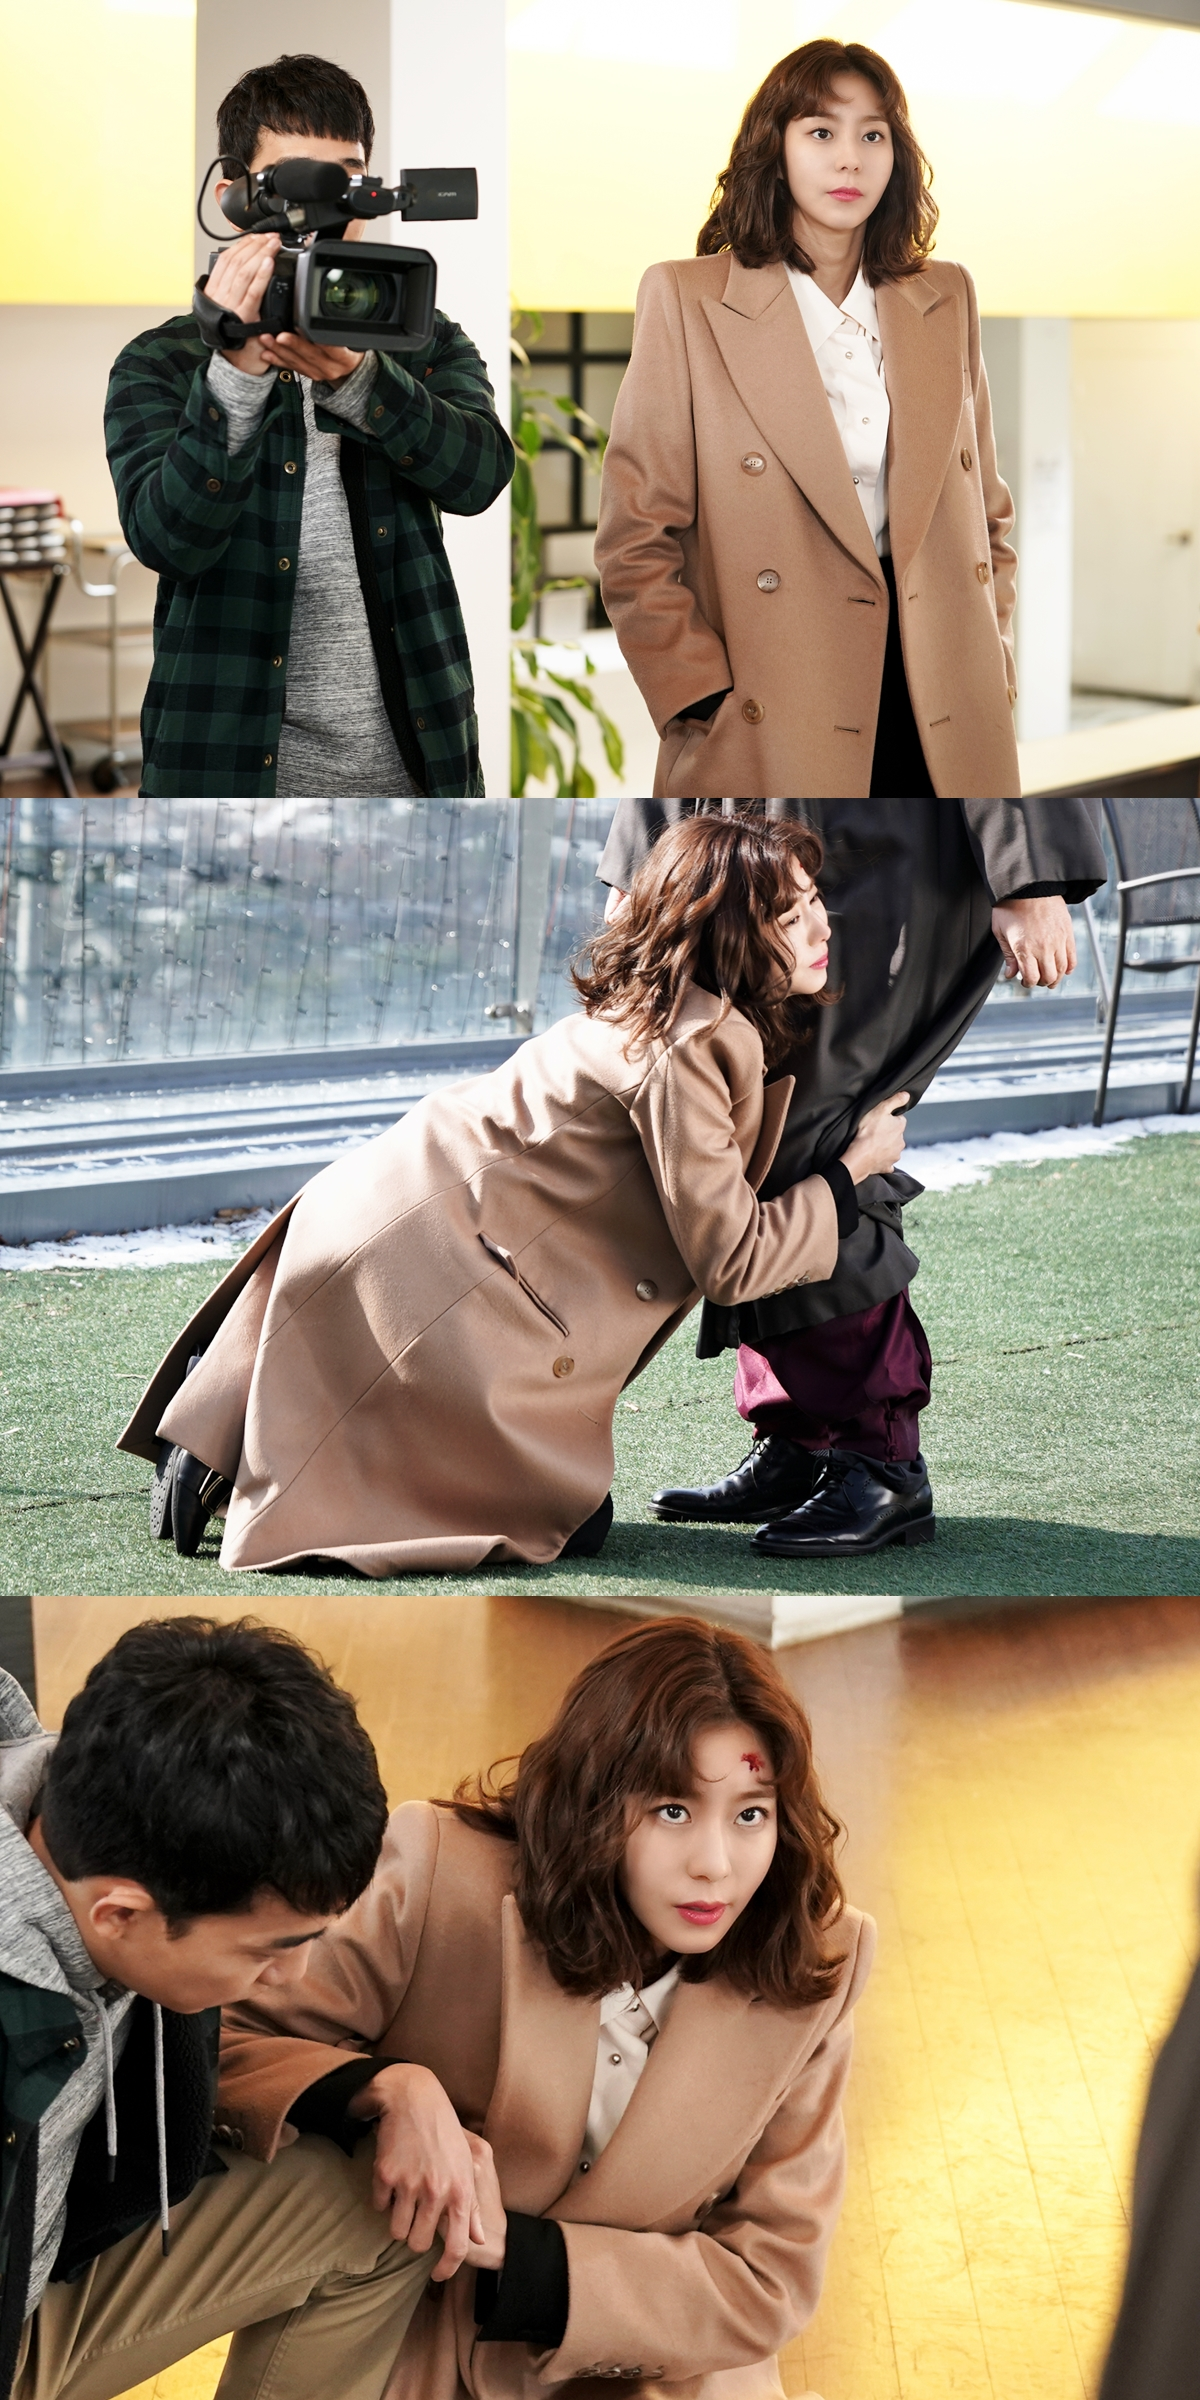 '데릴남편 오작두' 유이, 그녀는 왜 촬영 현장에서 무릎을 꿇었나?!